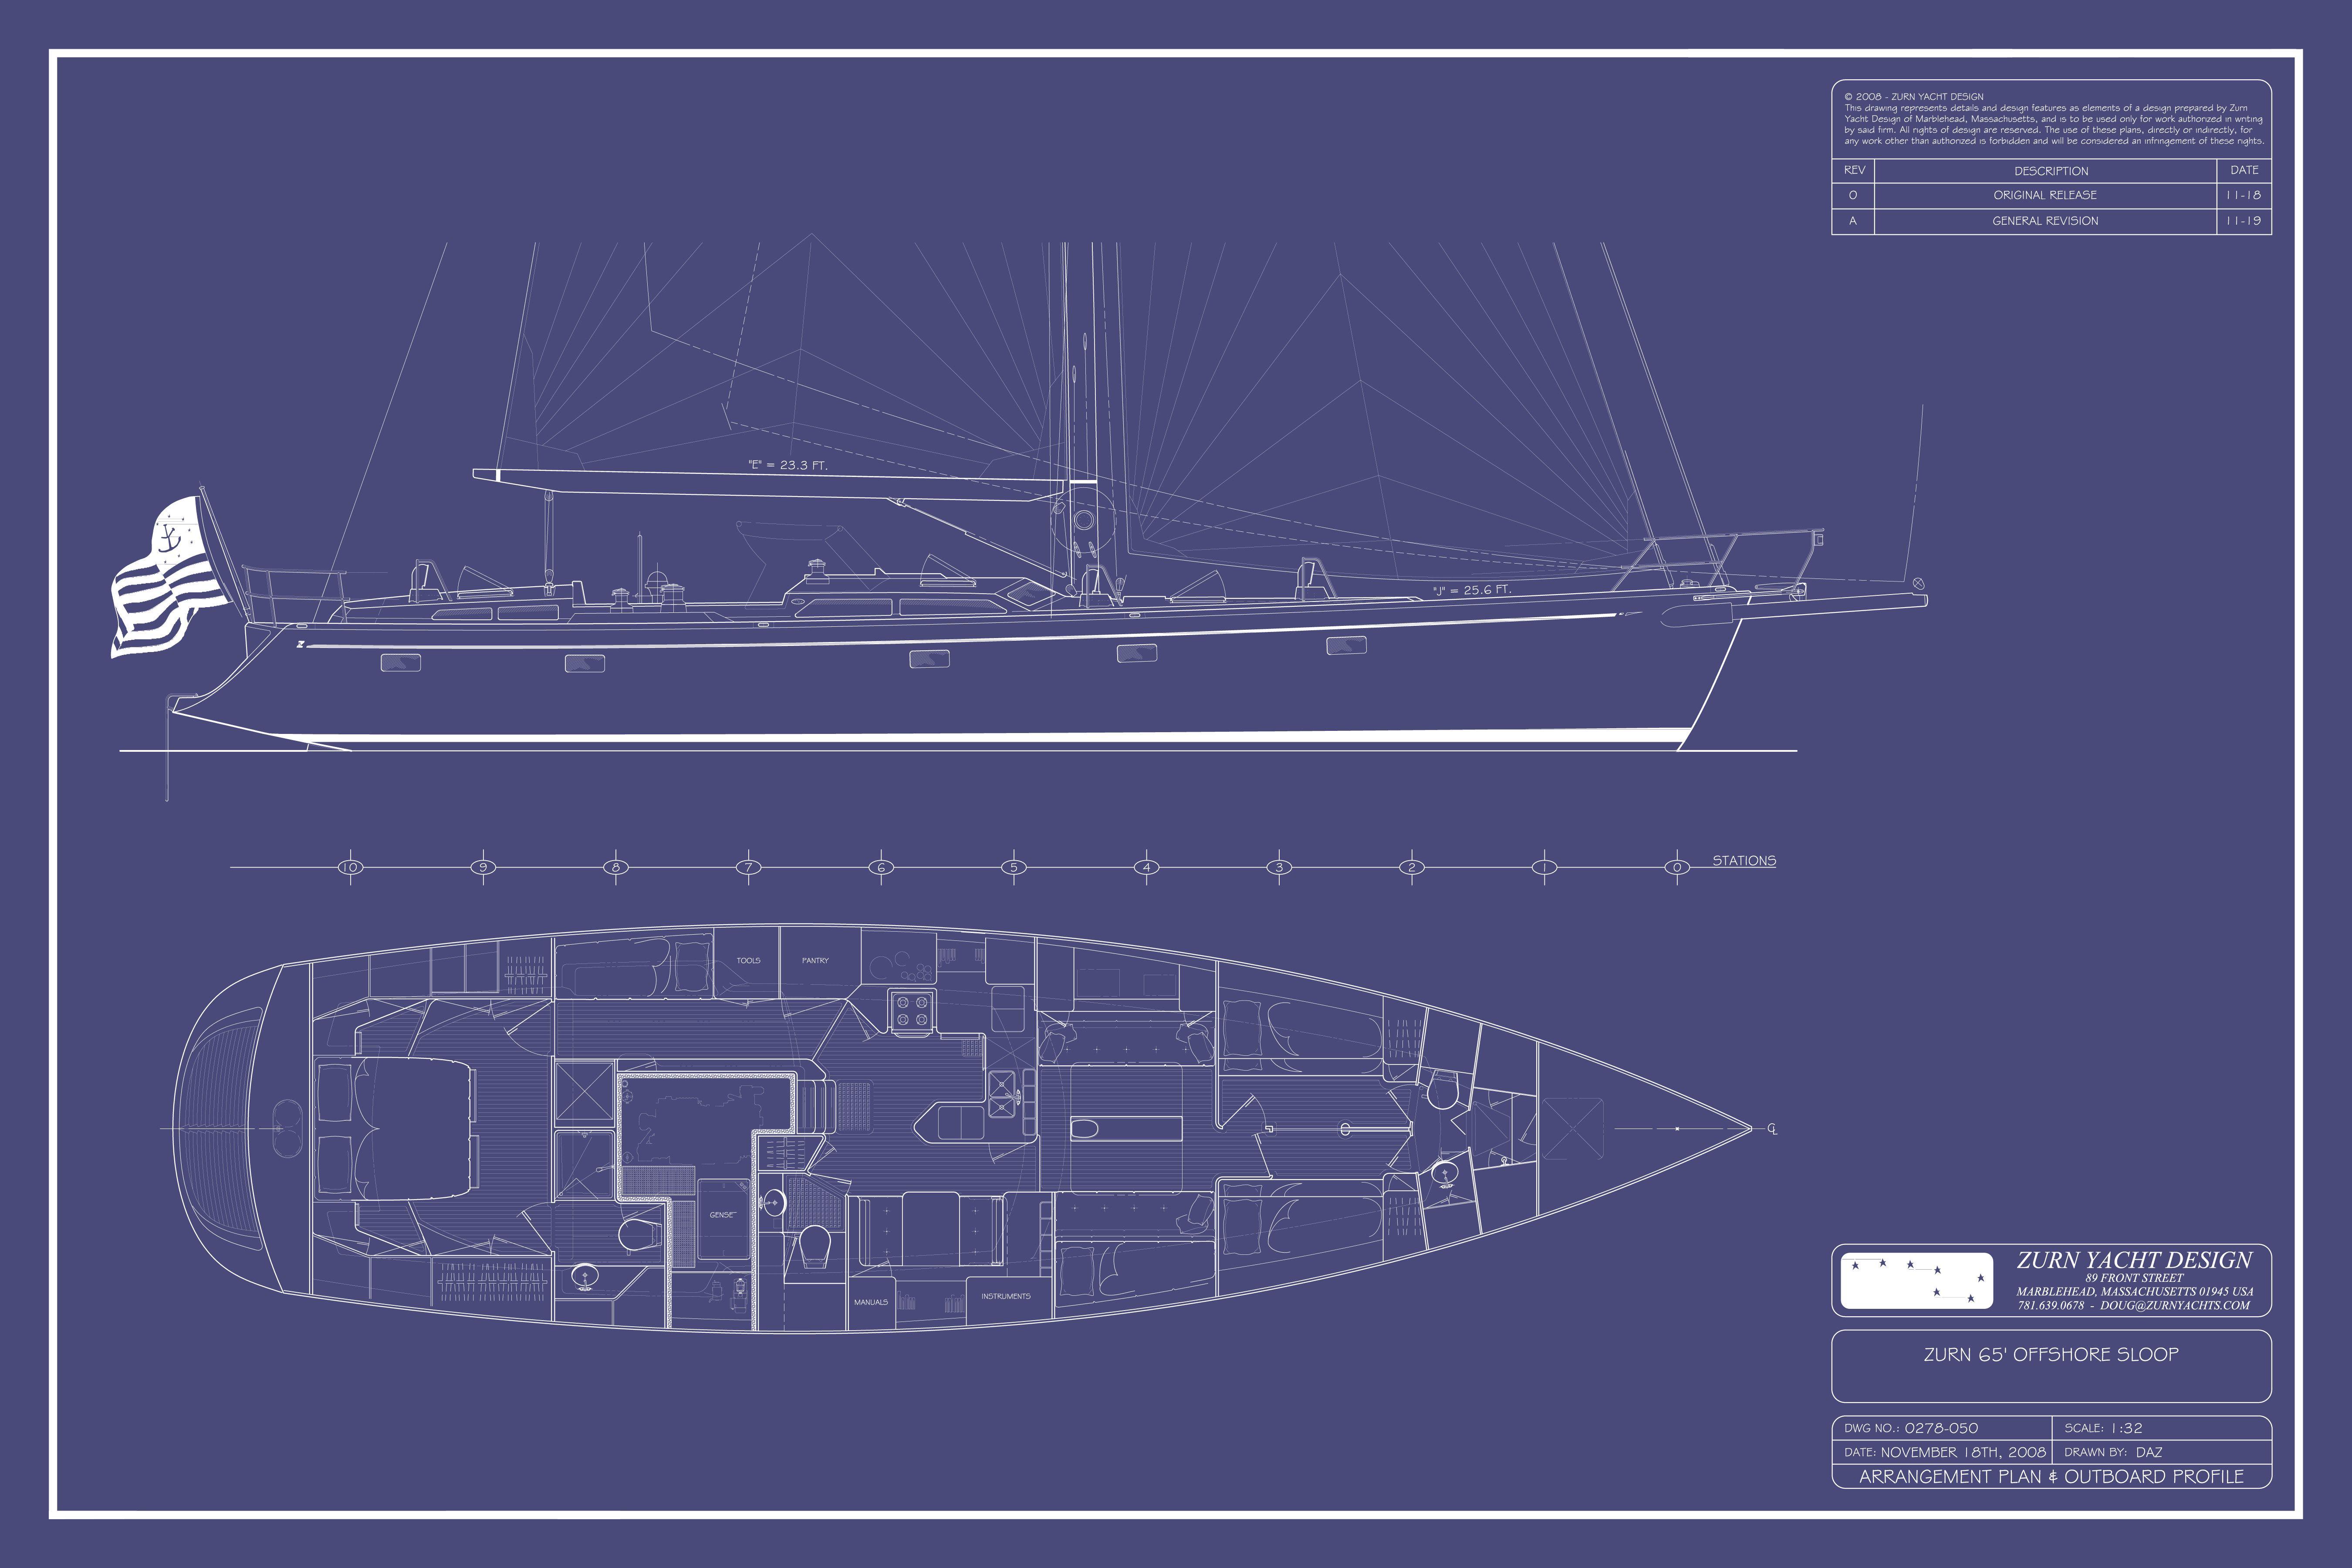 Design 0278 - Zurn 65   Zurn Yacht Design